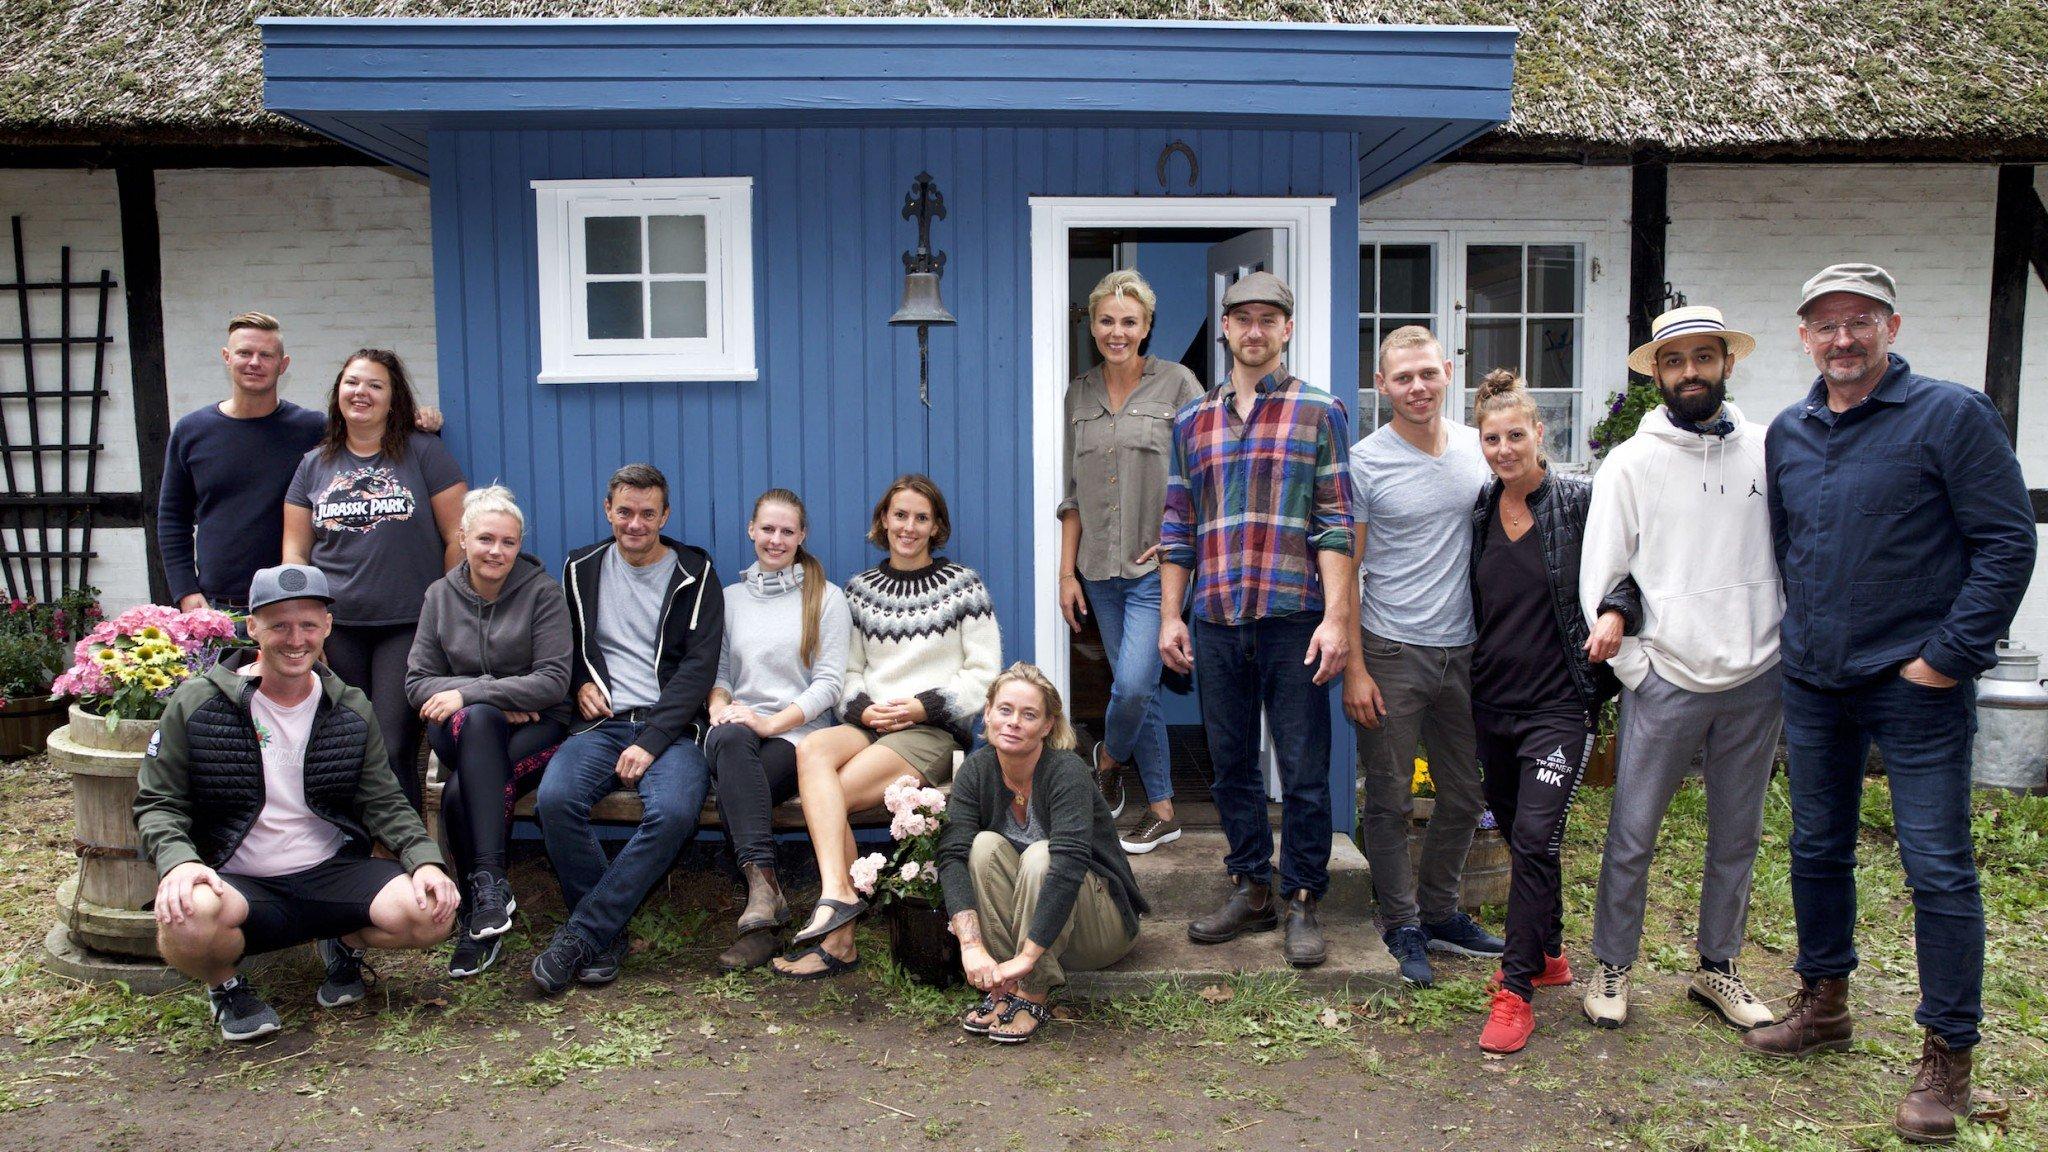 38decaa6b Hjem til gården - 2019 sæson - TV 2 TV 2 Play : DIGITALT.TV